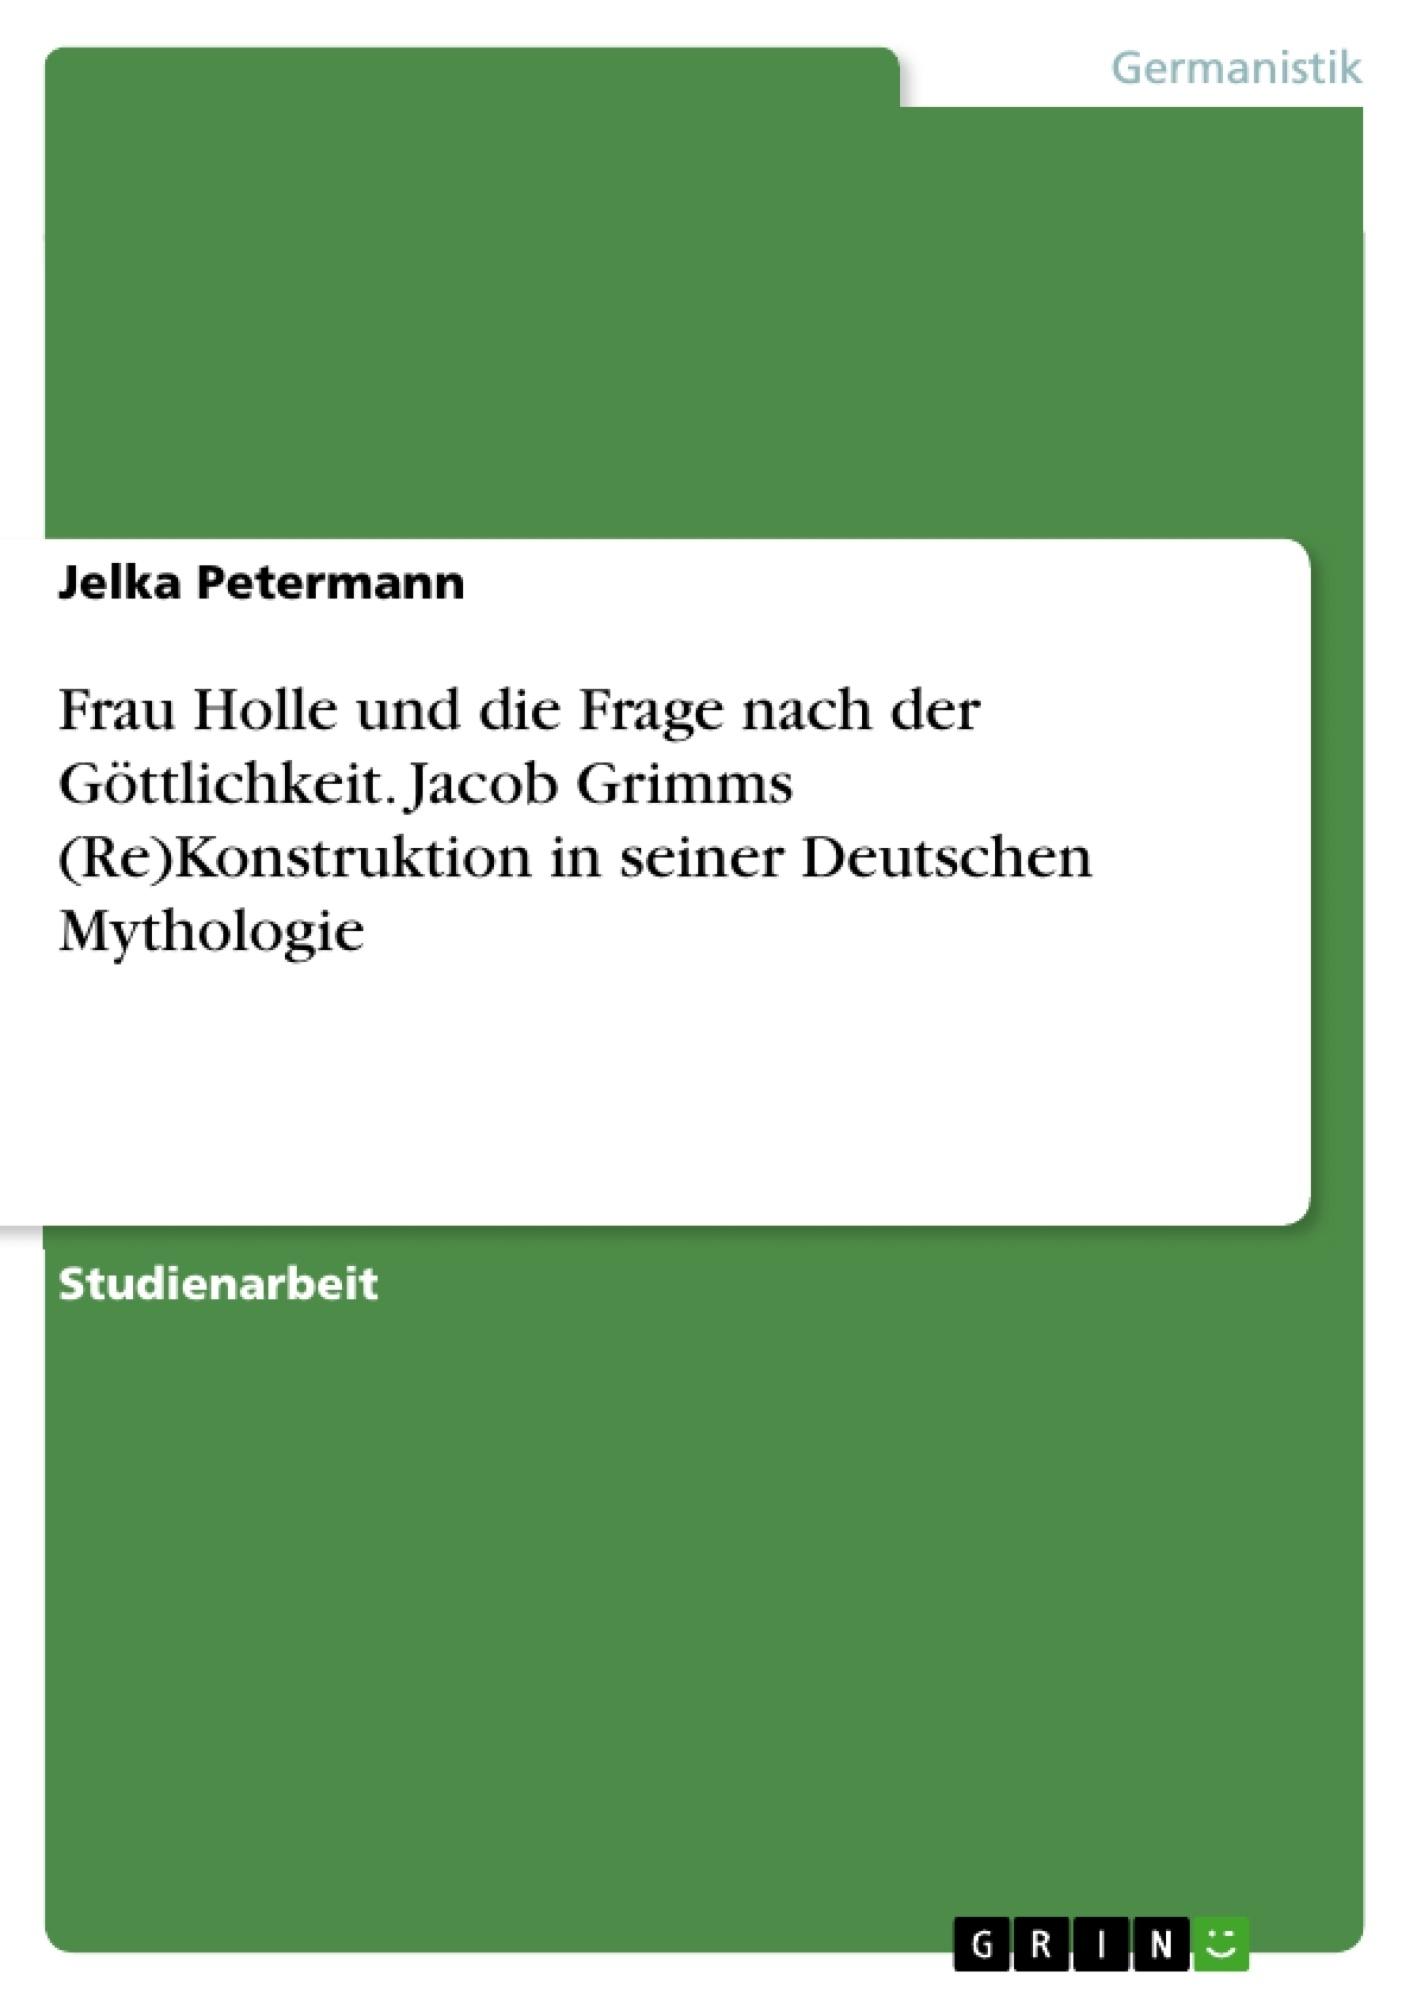 Titel: Frau Holle und die Frage nach der Göttlichkeit. Jacob Grimms (Re)Konstruktion in seiner Deutschen Mythologie